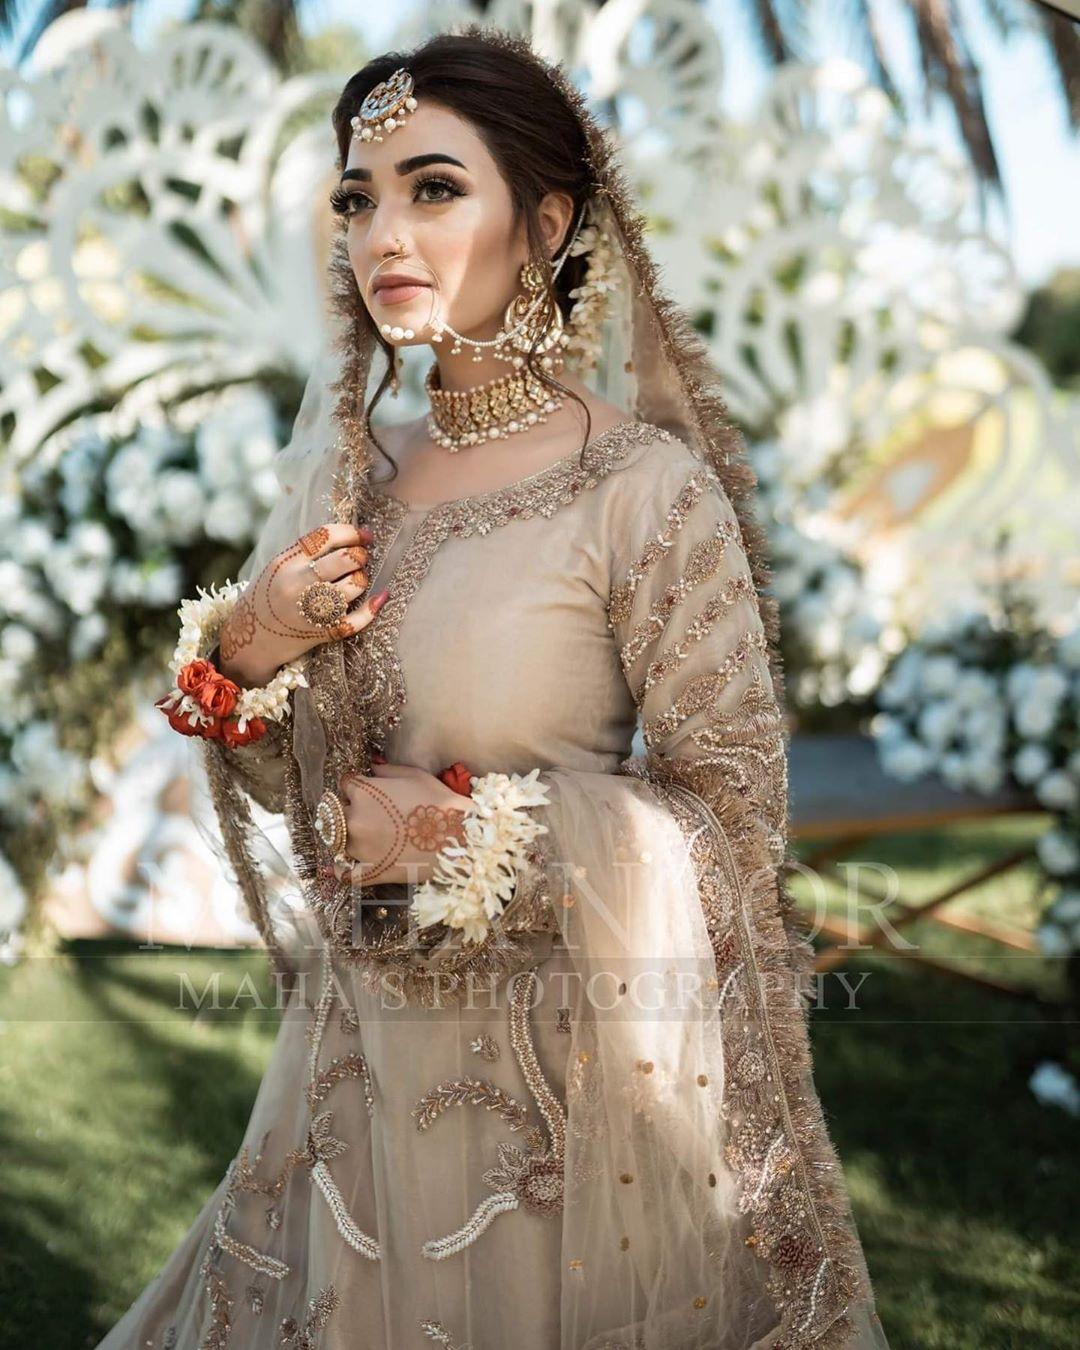 Drama Actress Nawal Saeed Beautiful Bridal Photo Shoot